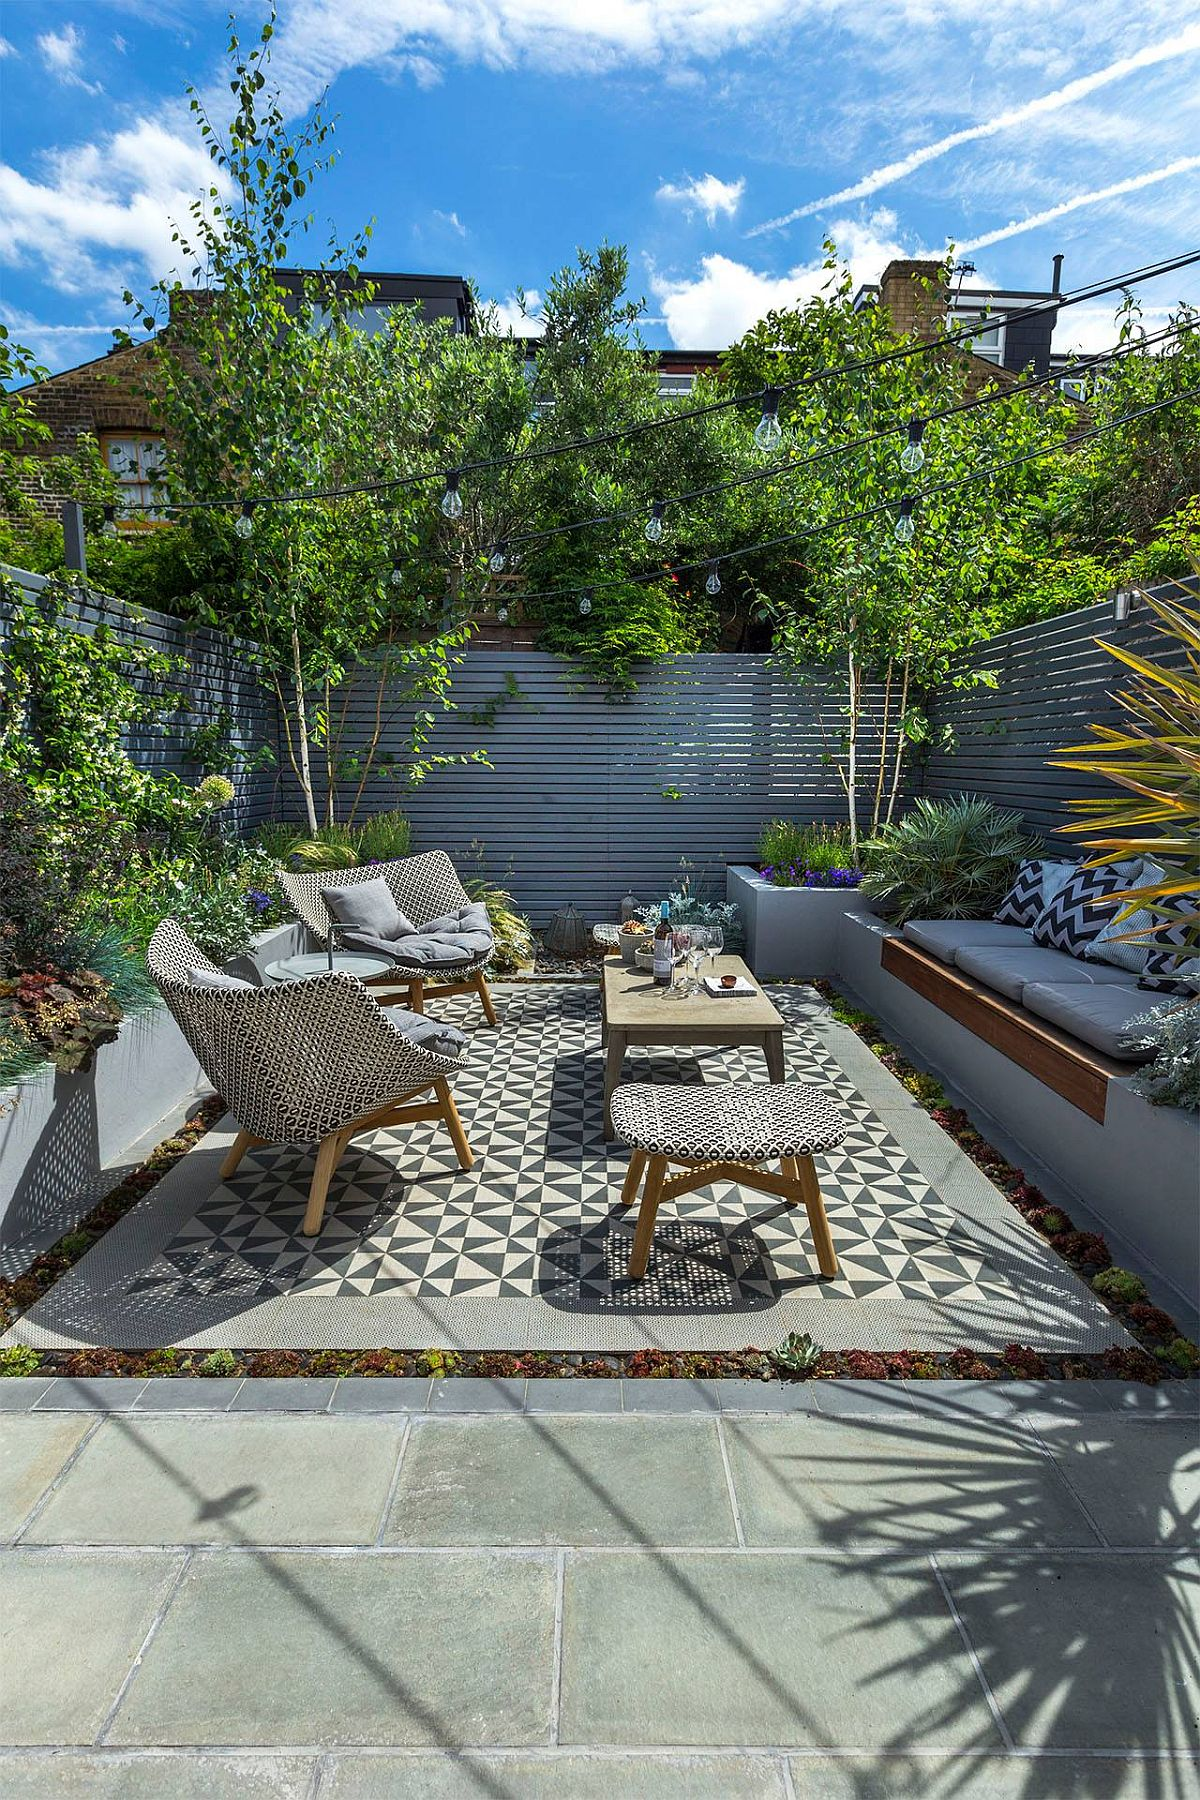 Pentru a crea mai multe nivelul la care să fie prezente plantele, peisagiștii au avut în vedere construcția de jardiniere pe laturile curții, iar pentru a modifica puțin perspectiva, pe lățimea spațiului, între jarniere, plantele sunt prezente la nivelul solului. Specialiștii au avut în vedere atunci când au amenajat grădina și vegetația deja existentă din zonă, de la vecini.